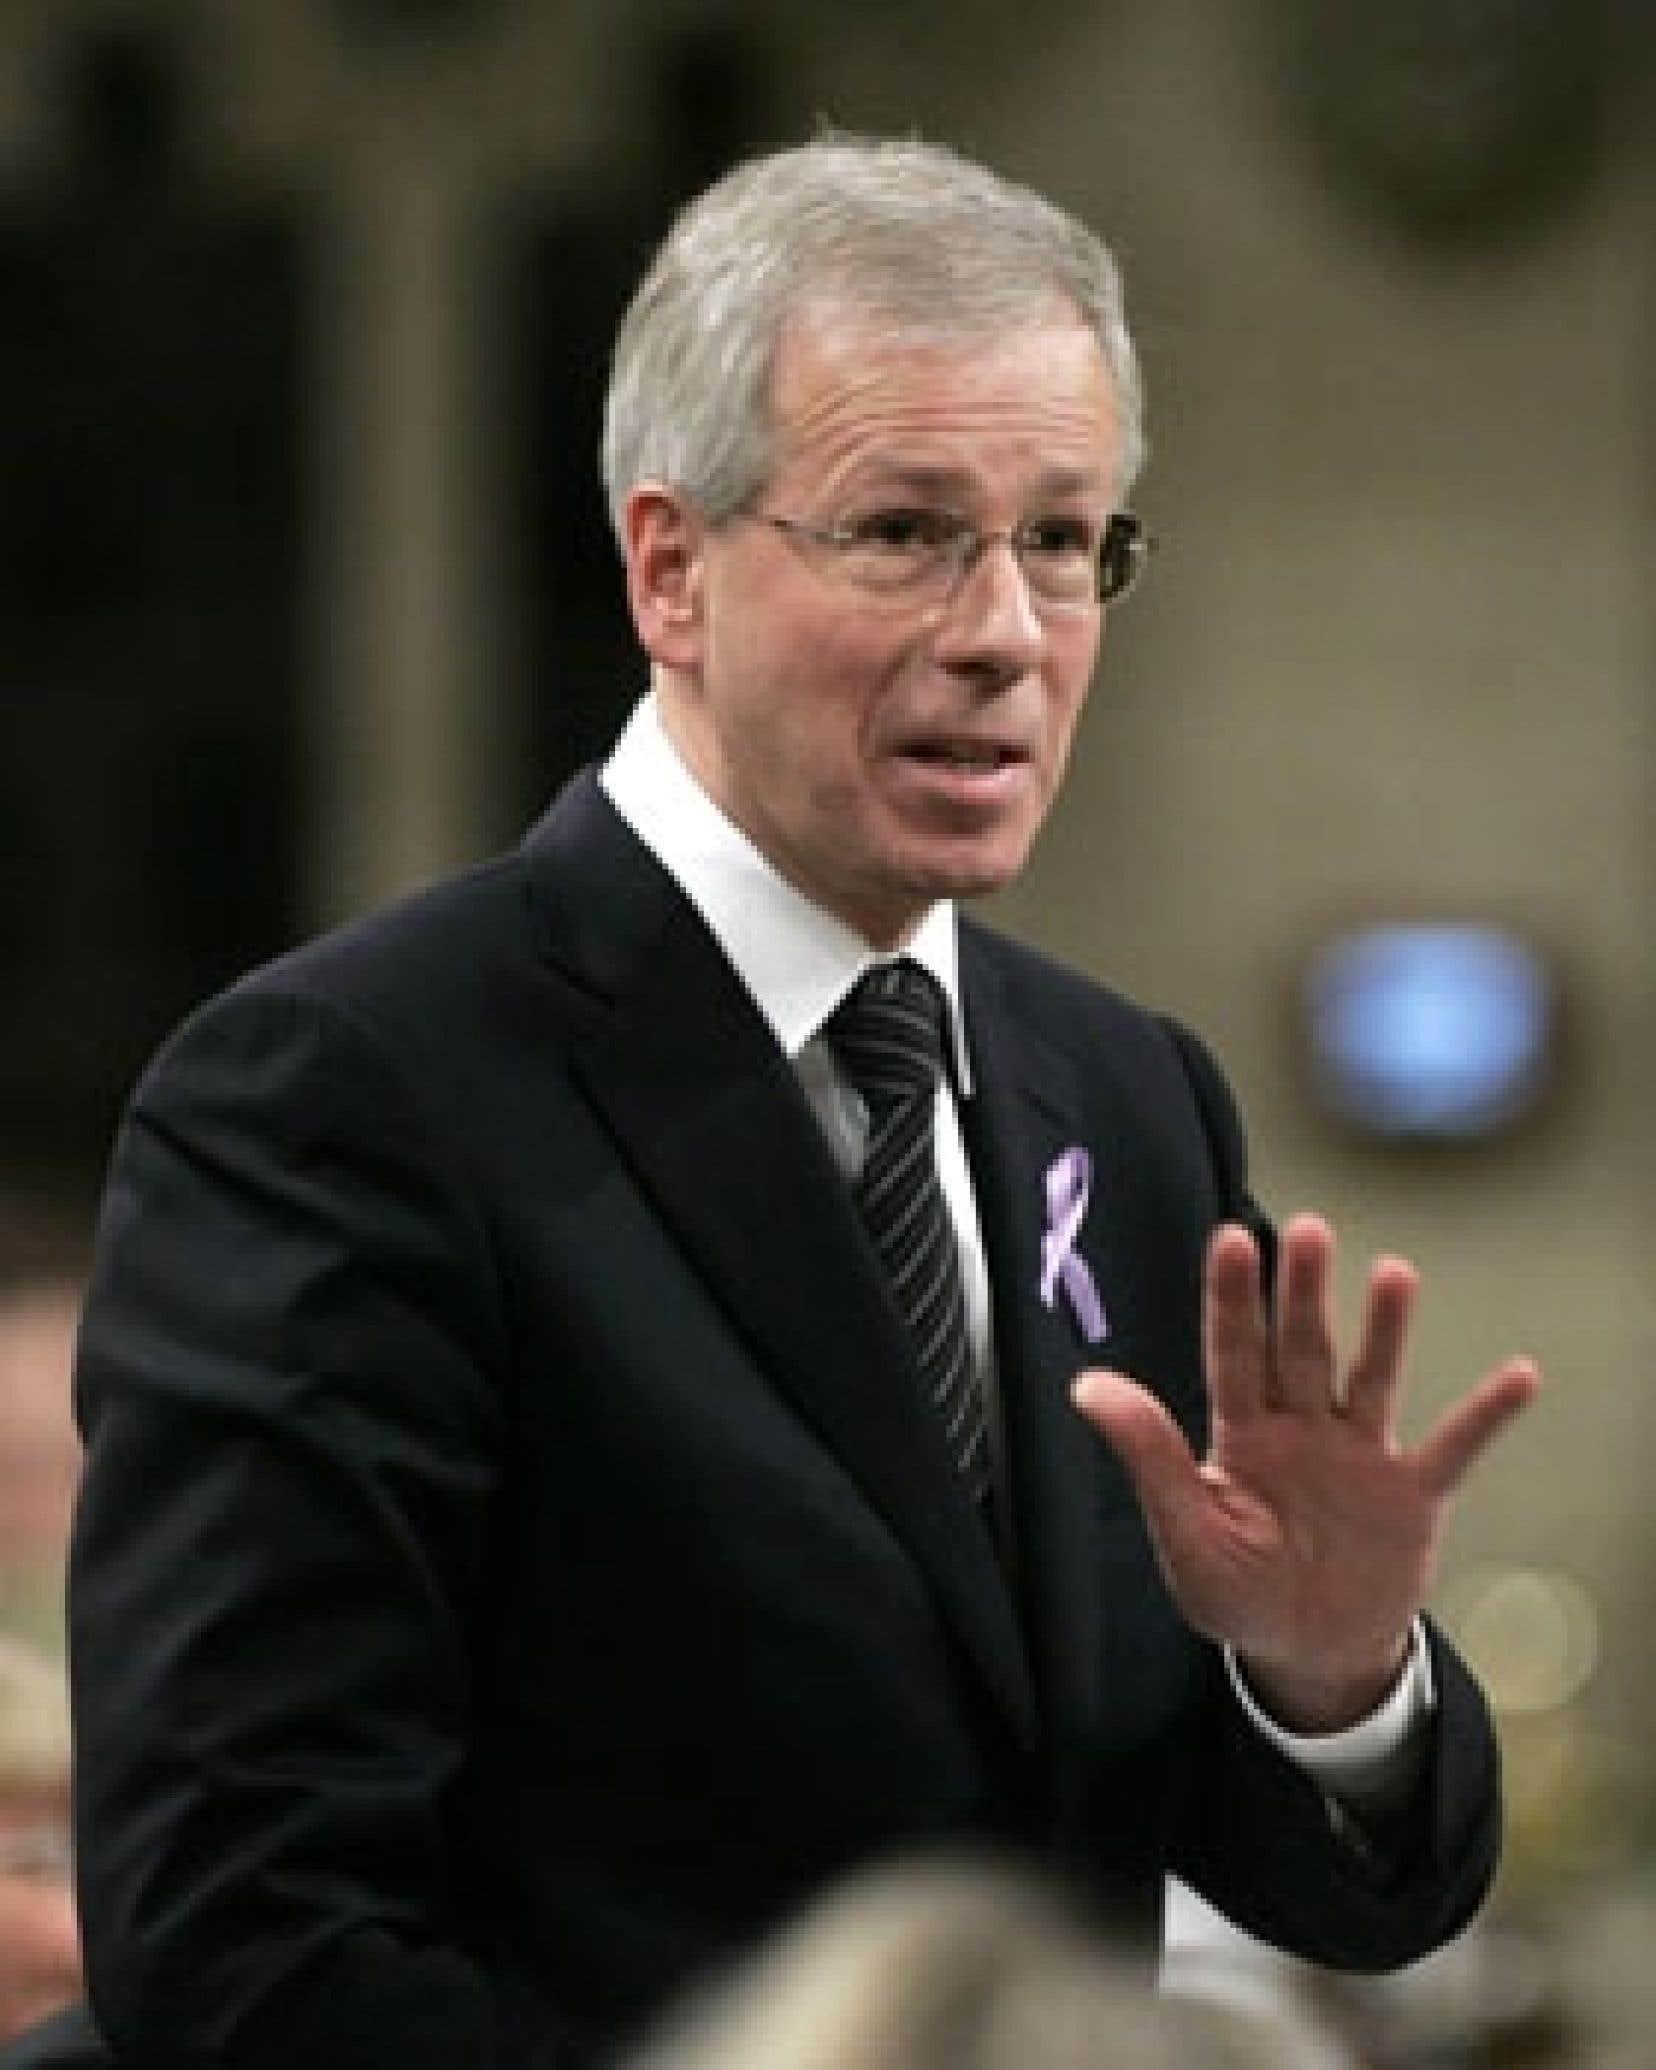 Depuis que le Tout-Ottawa se tient prêt à partir en campagne, la pression monte constamment sur Stéphane Dion pour qu'il fasse connaître tantôt son plan vert, tantôt une éventuelle proposition au Québec.